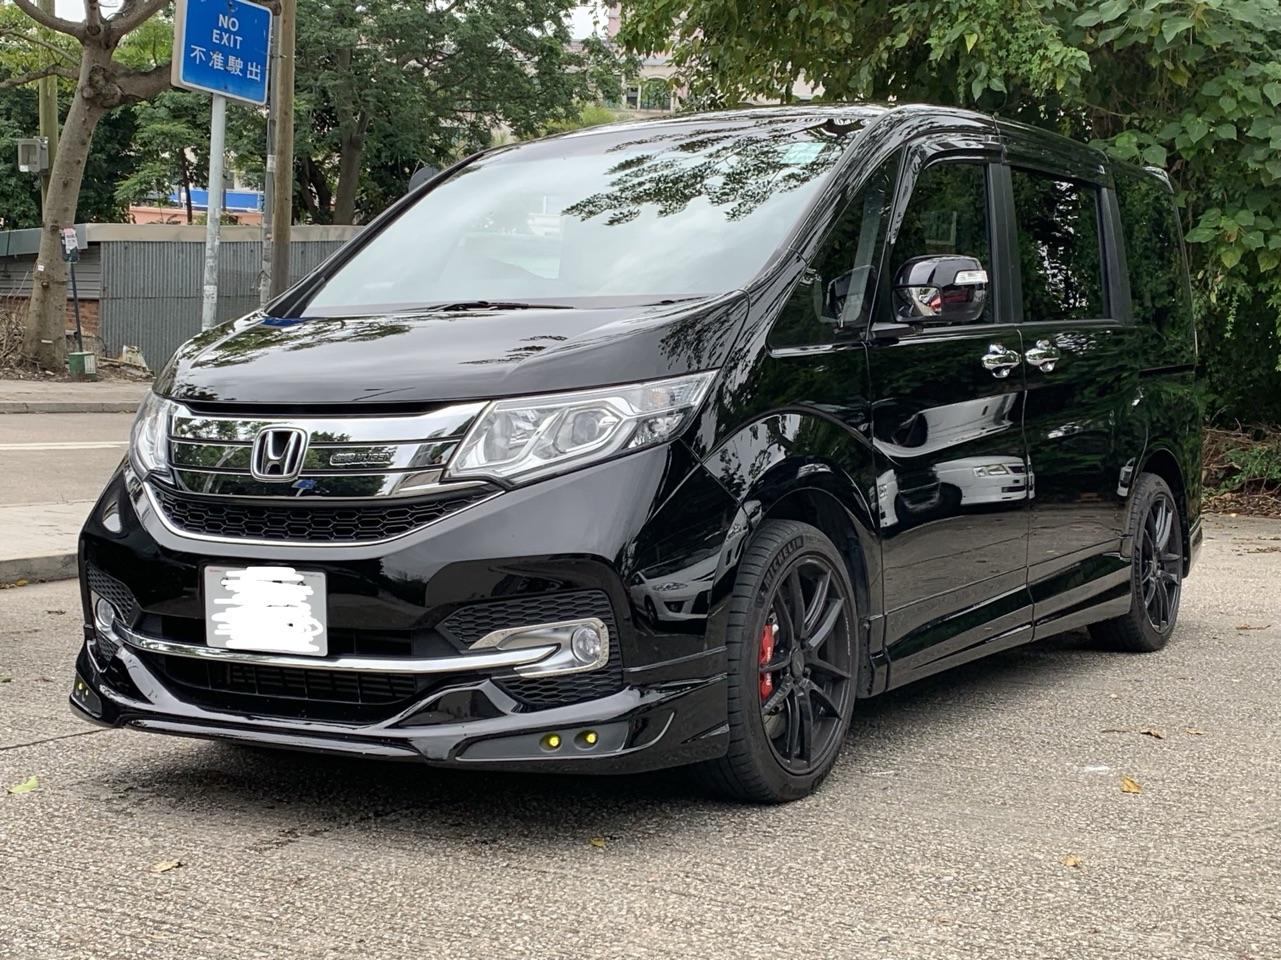 本田 Honda Stepwgn 1.5 Spade Sport - Price.com.hk 汽車買賣平台